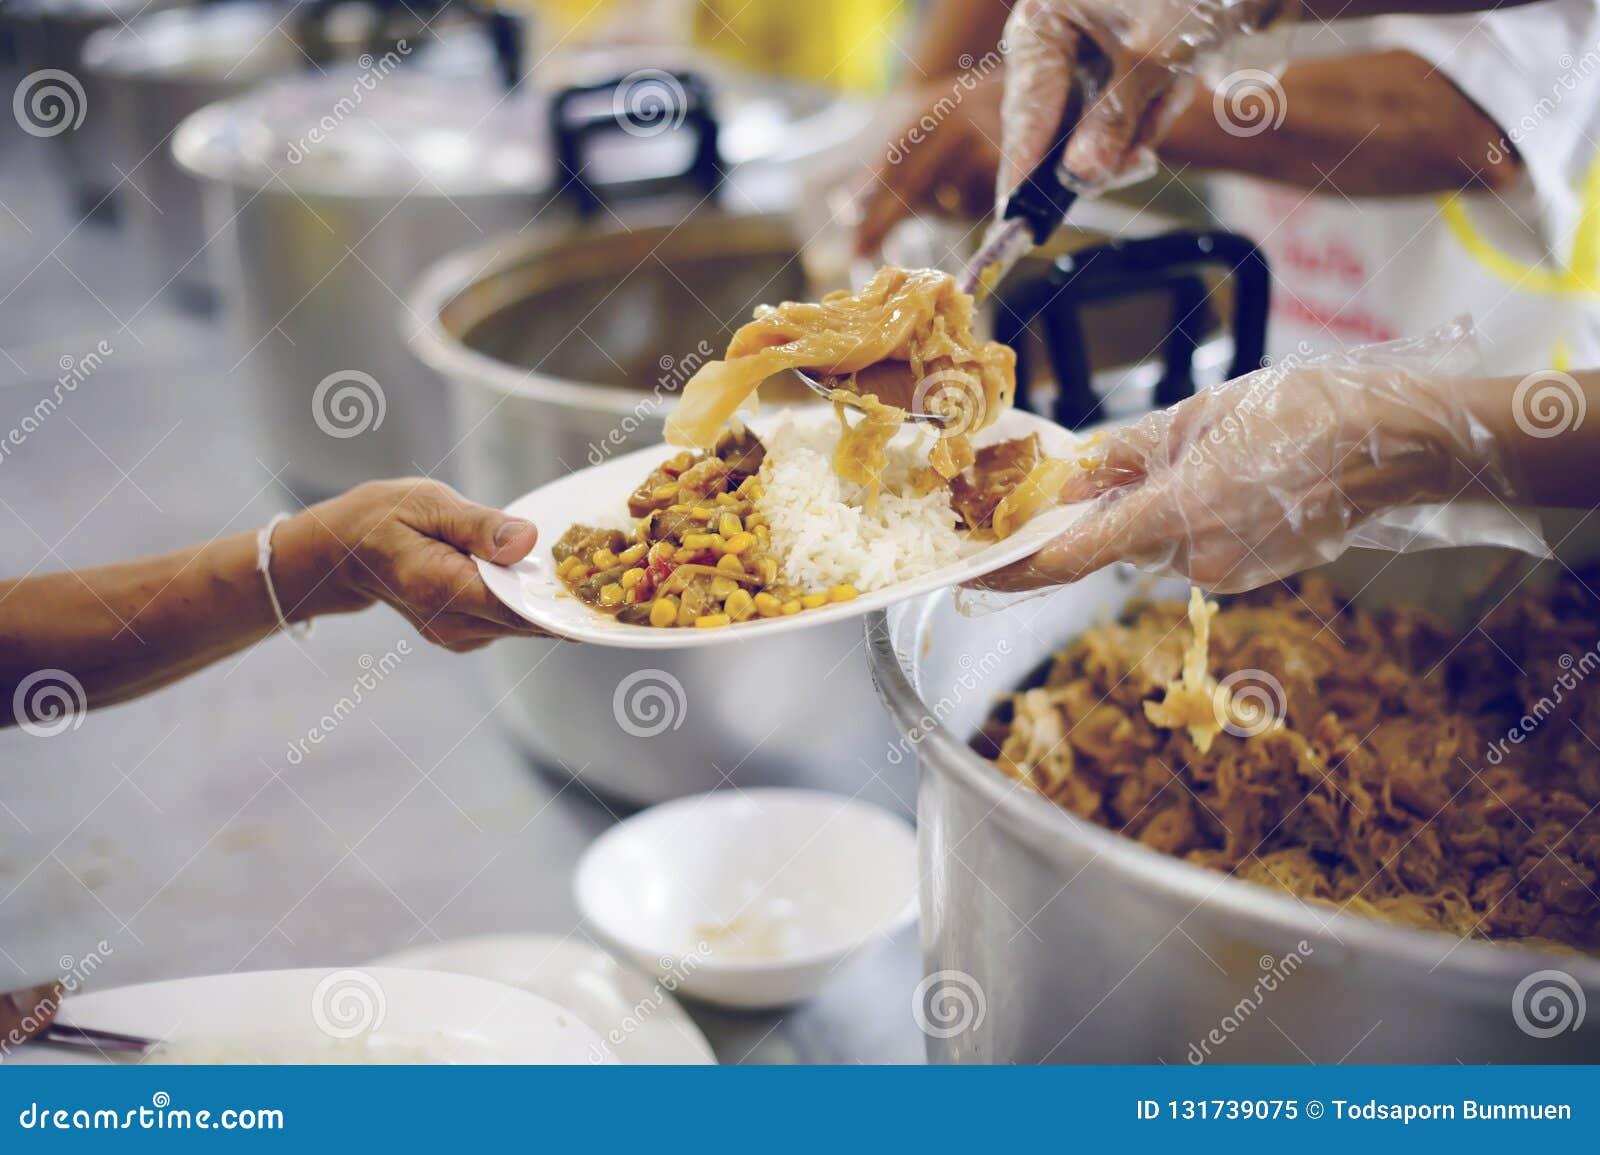 Οι φτωχοί άνθρωποι λαμβάνουν τα τρόφιμα από τους χορηγούς, καταδεικνύουν την αμοιβαία διανομή στη σημερινή κοινωνία: η έννοια της